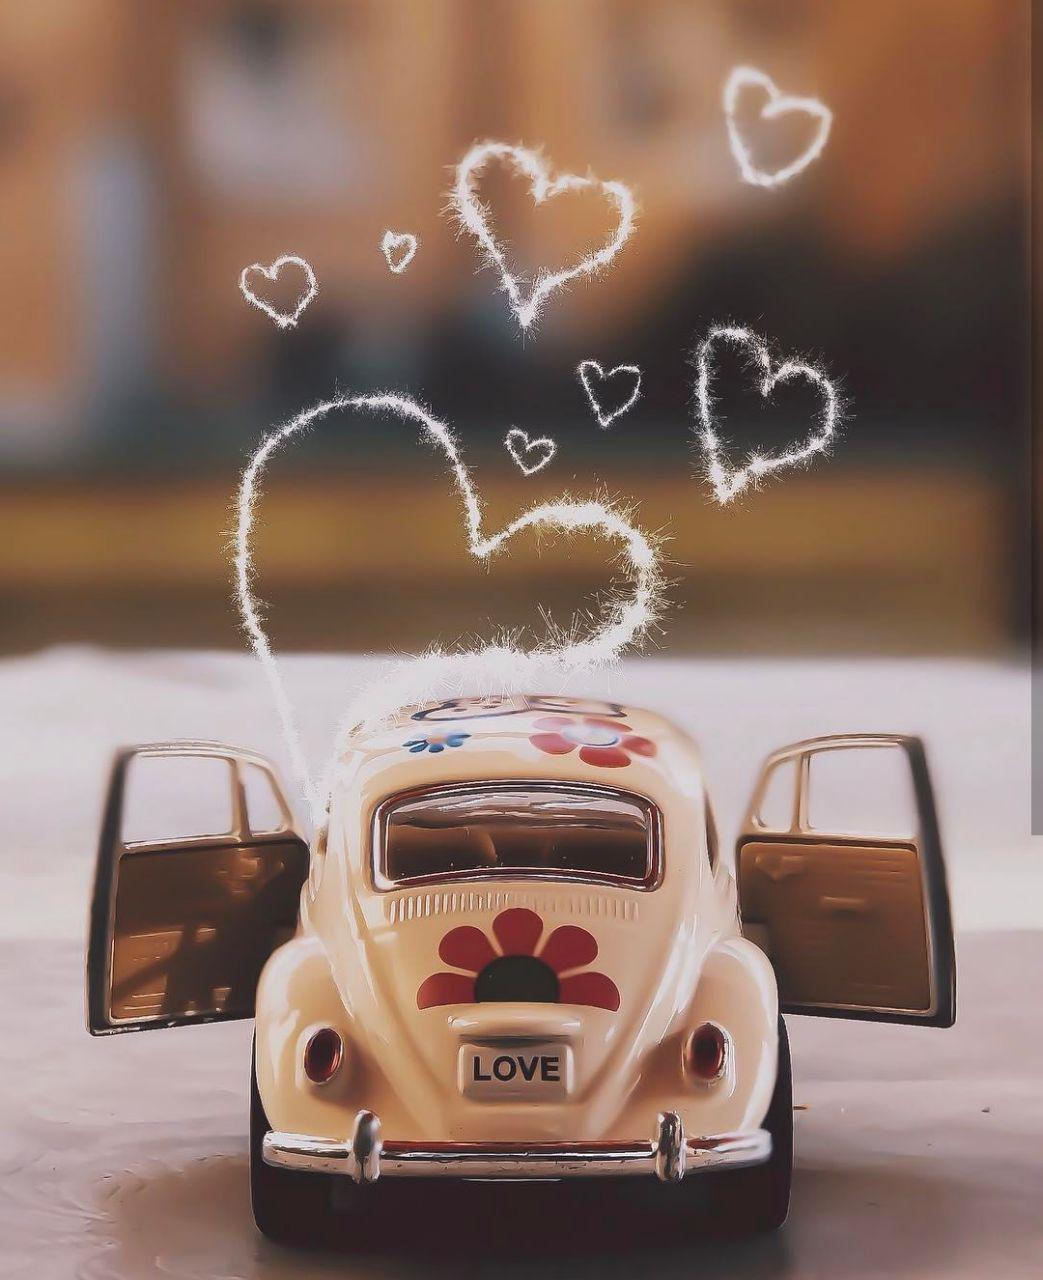 عکس متن عاشقانه واسه عشقم کپشن احساسی برای عمرم نفسم